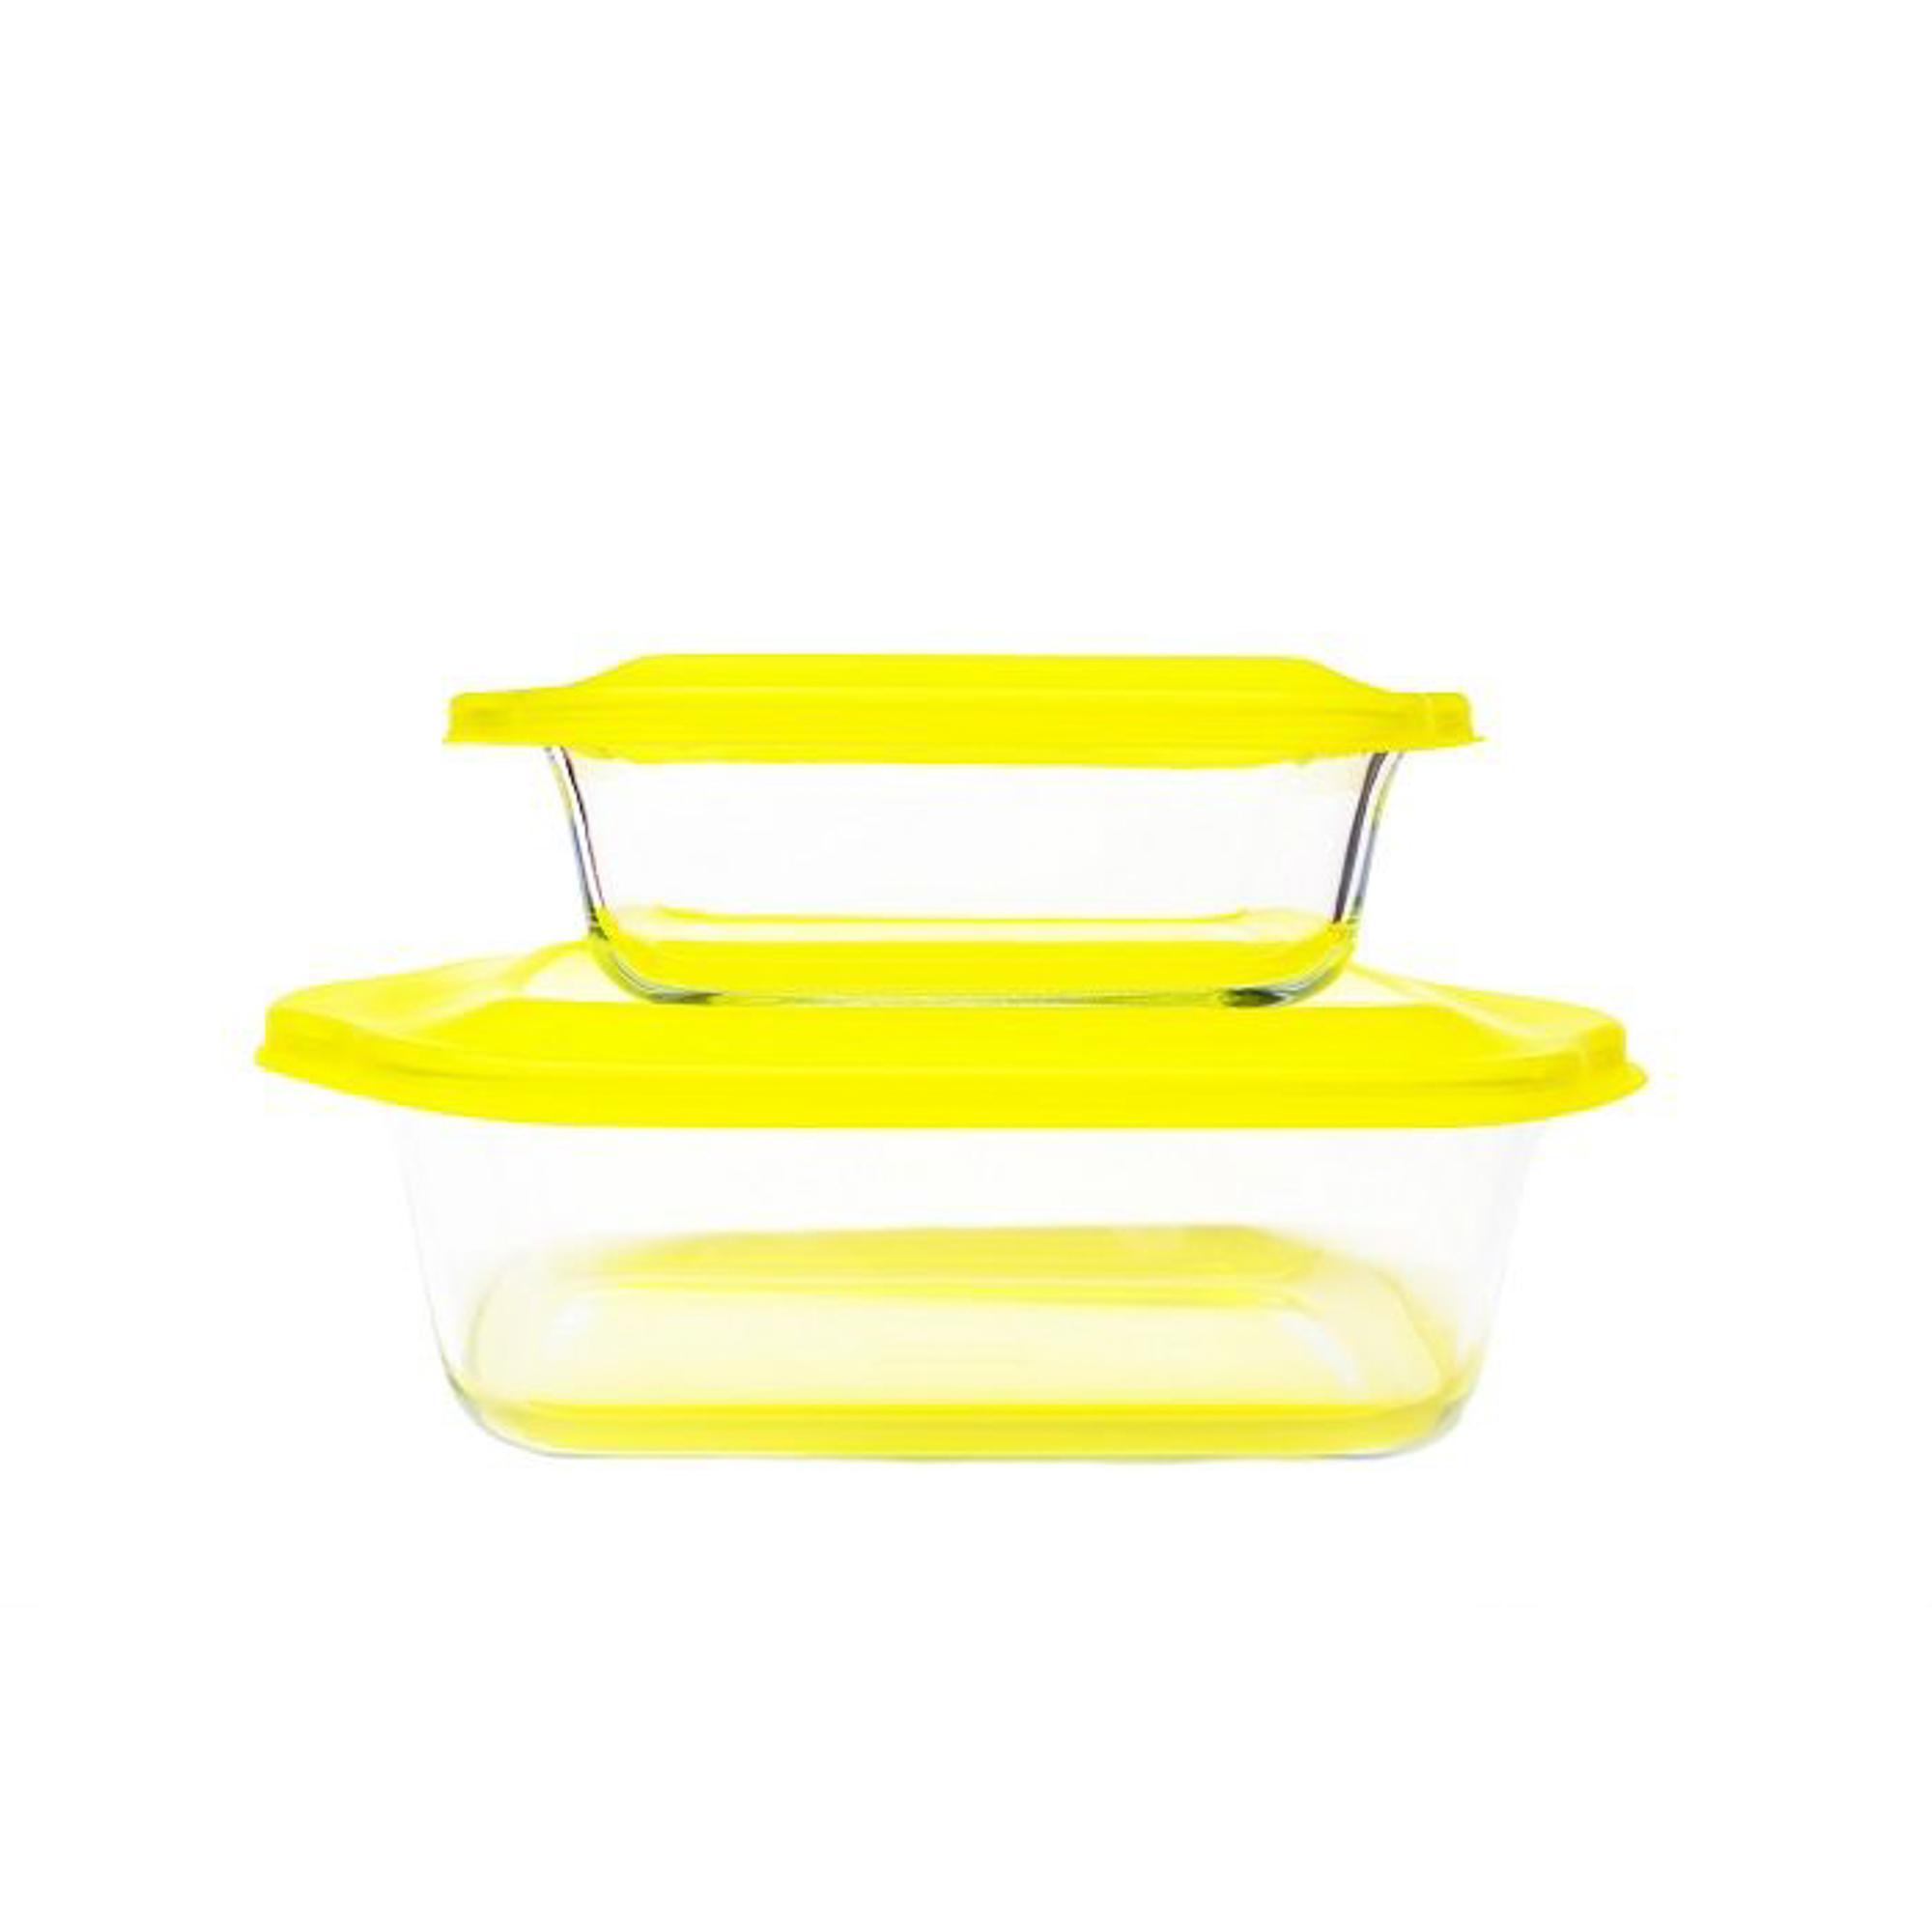 Купить Набор стеклянных форм для запекания Frybest желтый 2 шт, Южная Корея, стекло жаропрочное